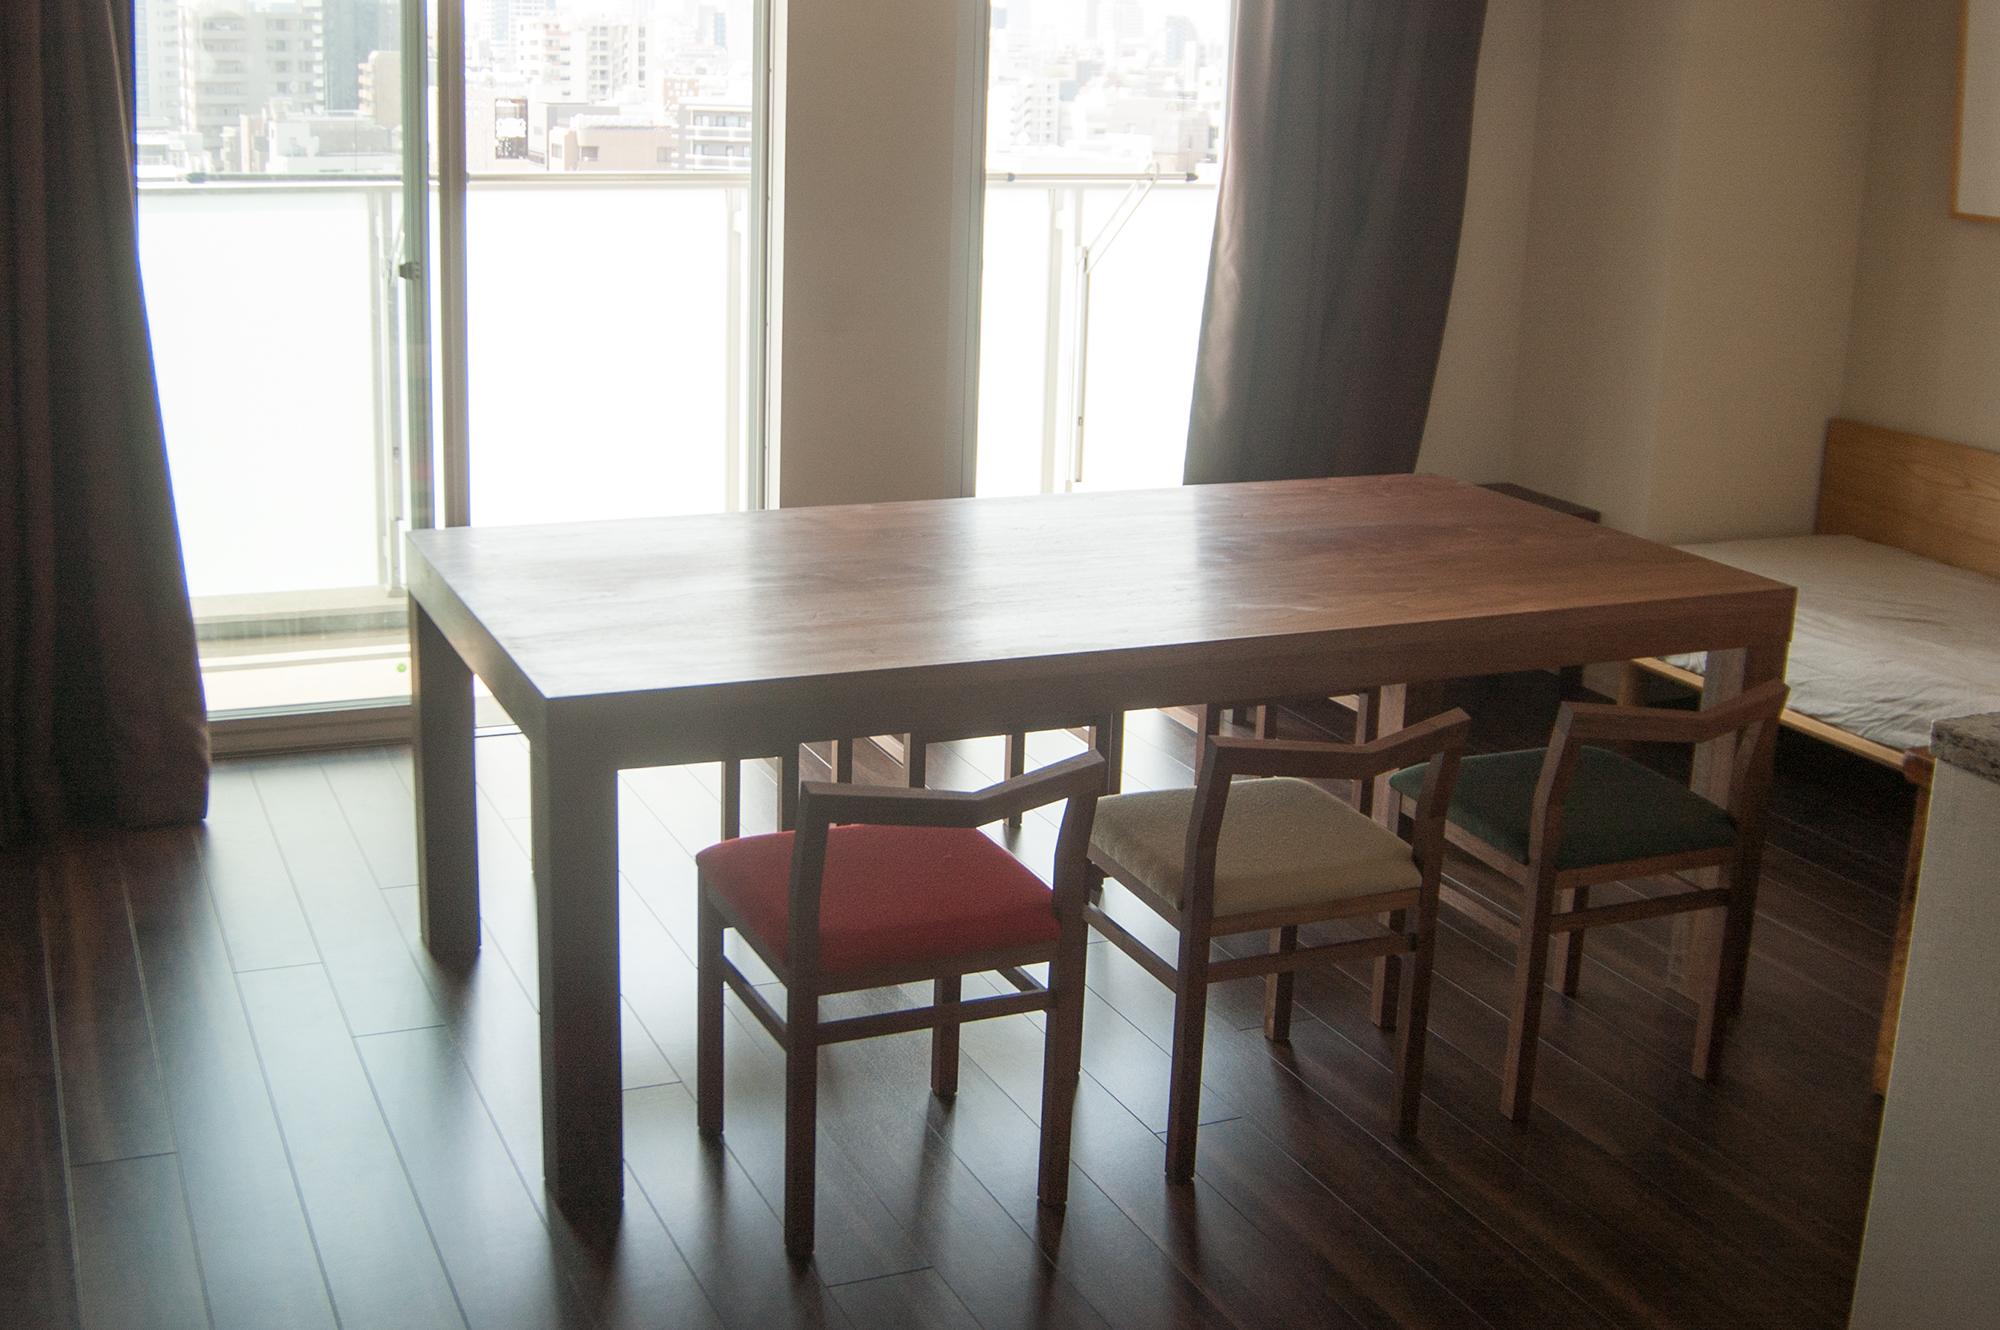 アッツテーブルとピコチェアを合わせたダイニングテーブルセット